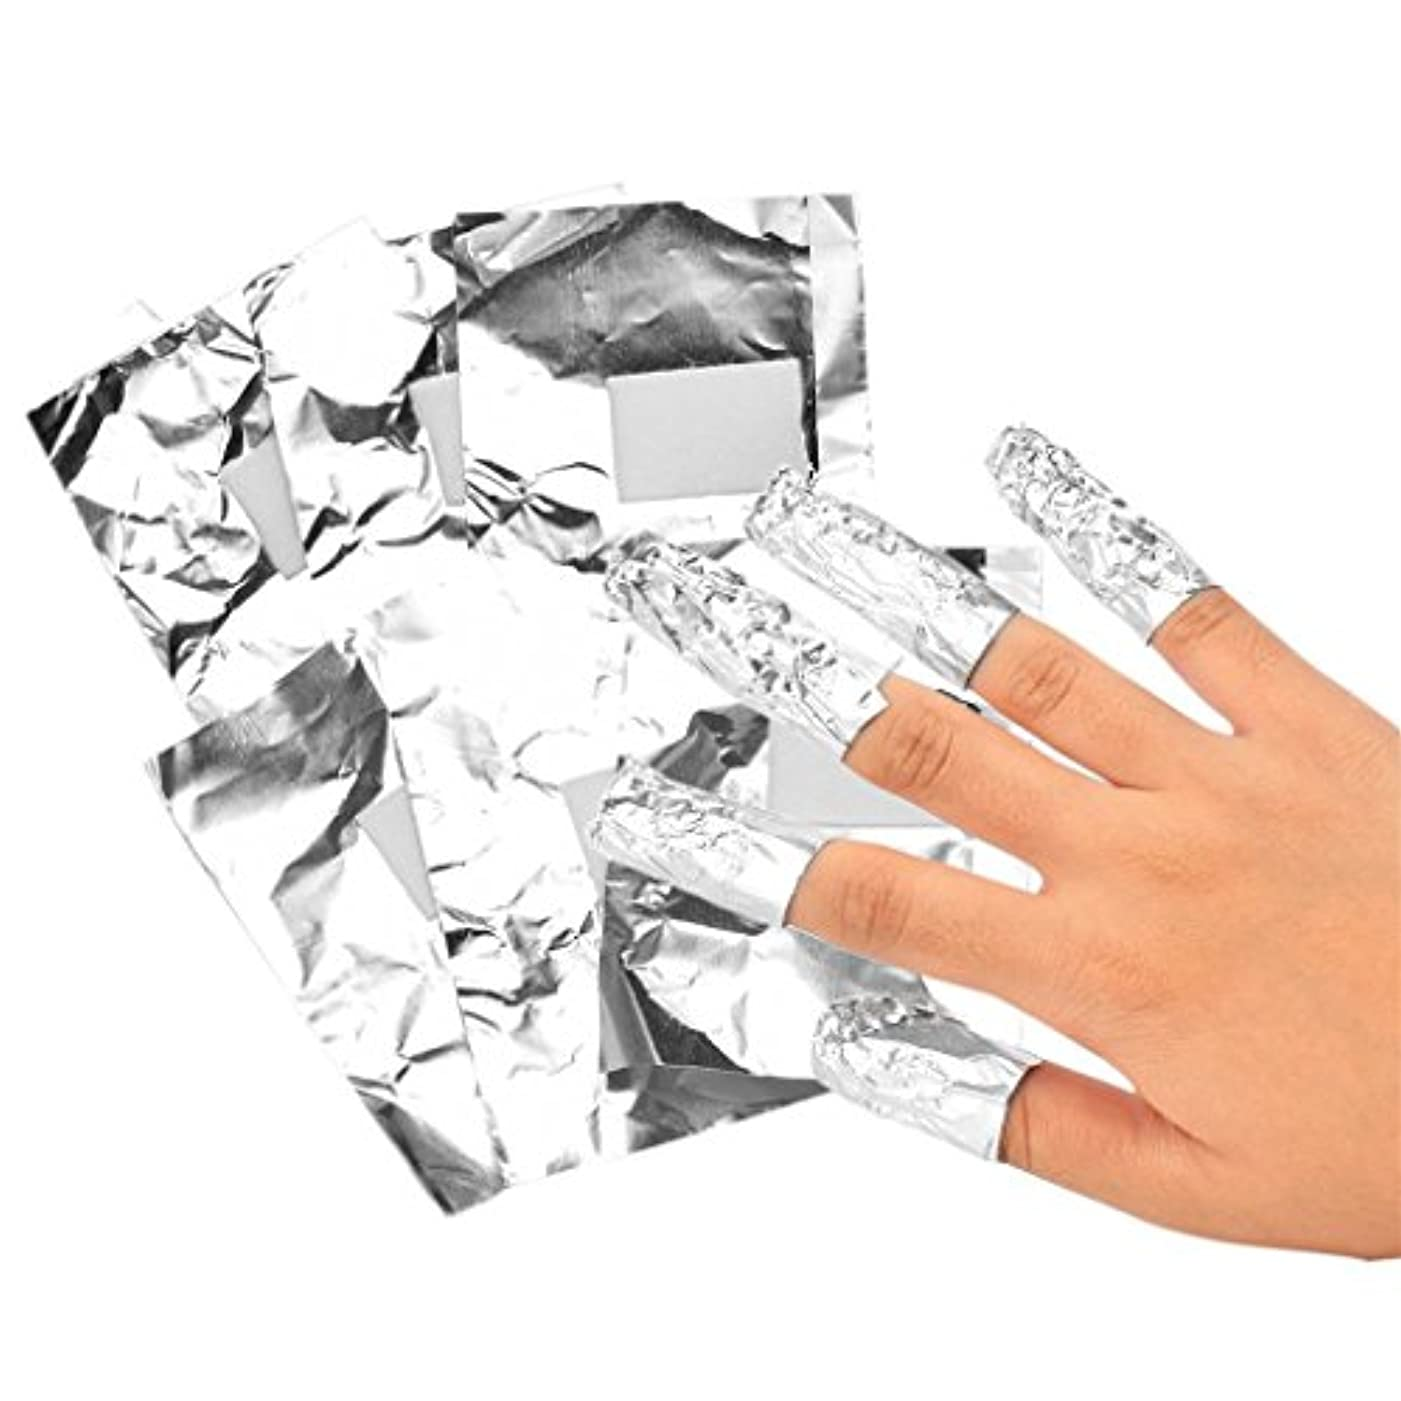 百ファシズム受けるネイルフォイル アルミ箔 ネイルアートジェル除去ツール プロ 爪装飾除き 包み紙 約100本入り